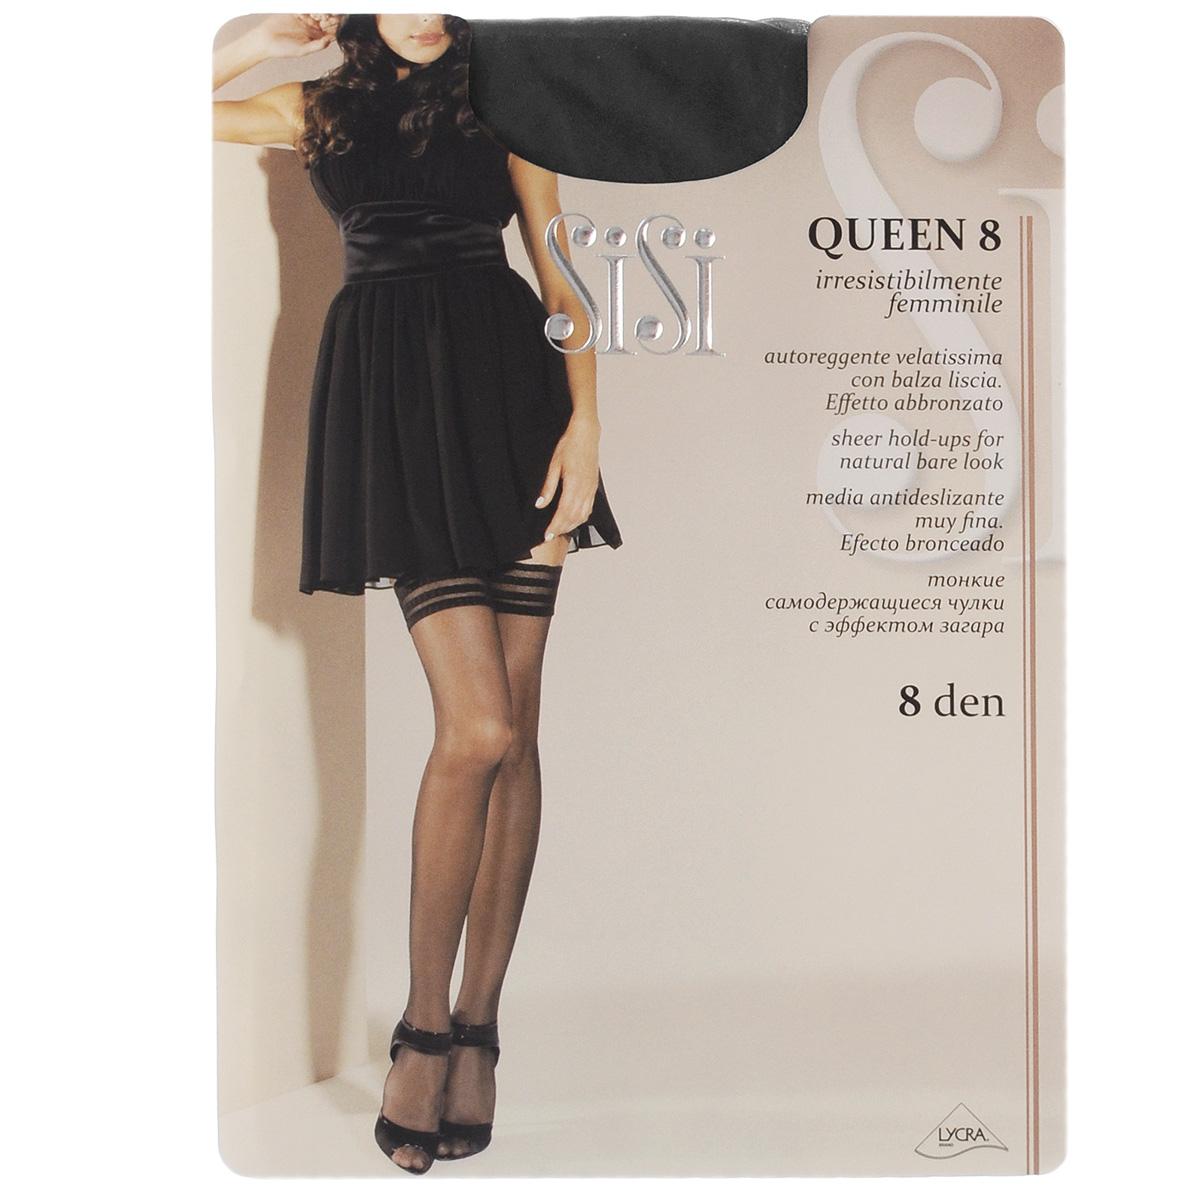 Чулки99SISIТончайшие чулки Sisi Queen с сетчатой каймой, оформленной узором в полоску, и невидимым мыском. Фиксирующая резинка - на силиконовой основе. Плотность: 8 den.